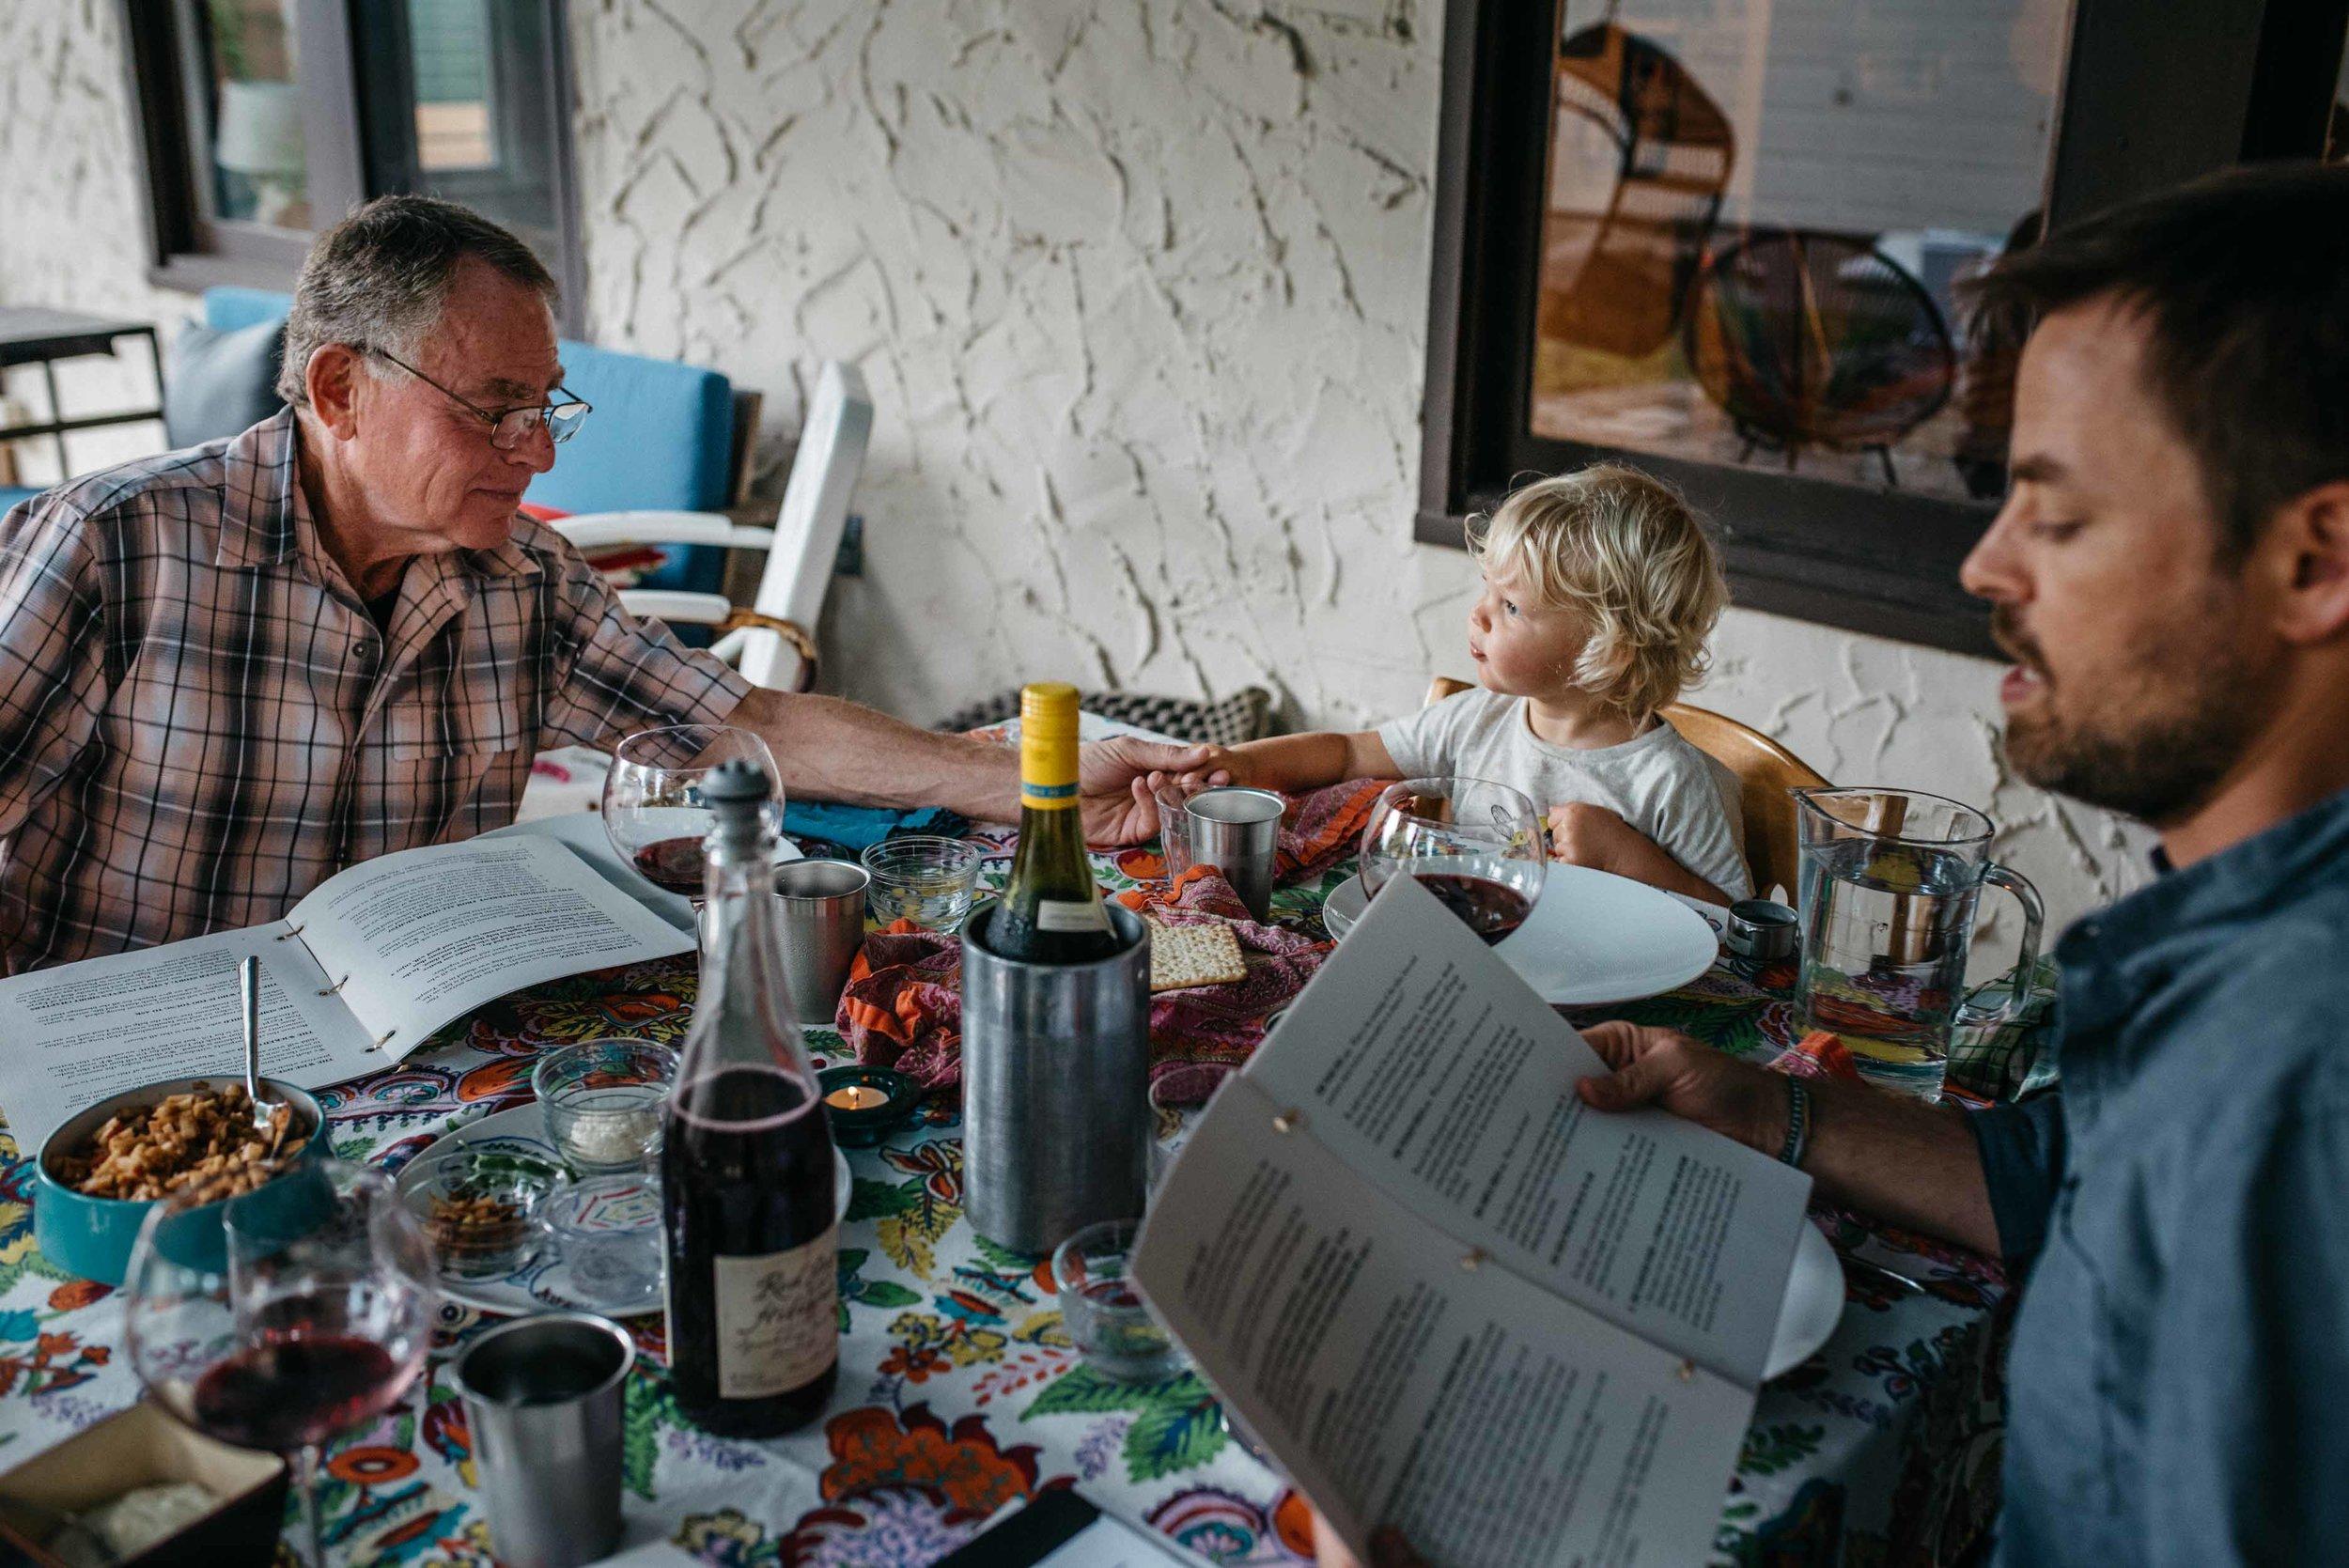 passover-dinner-austin-family-photojournalist-photographer.jpg